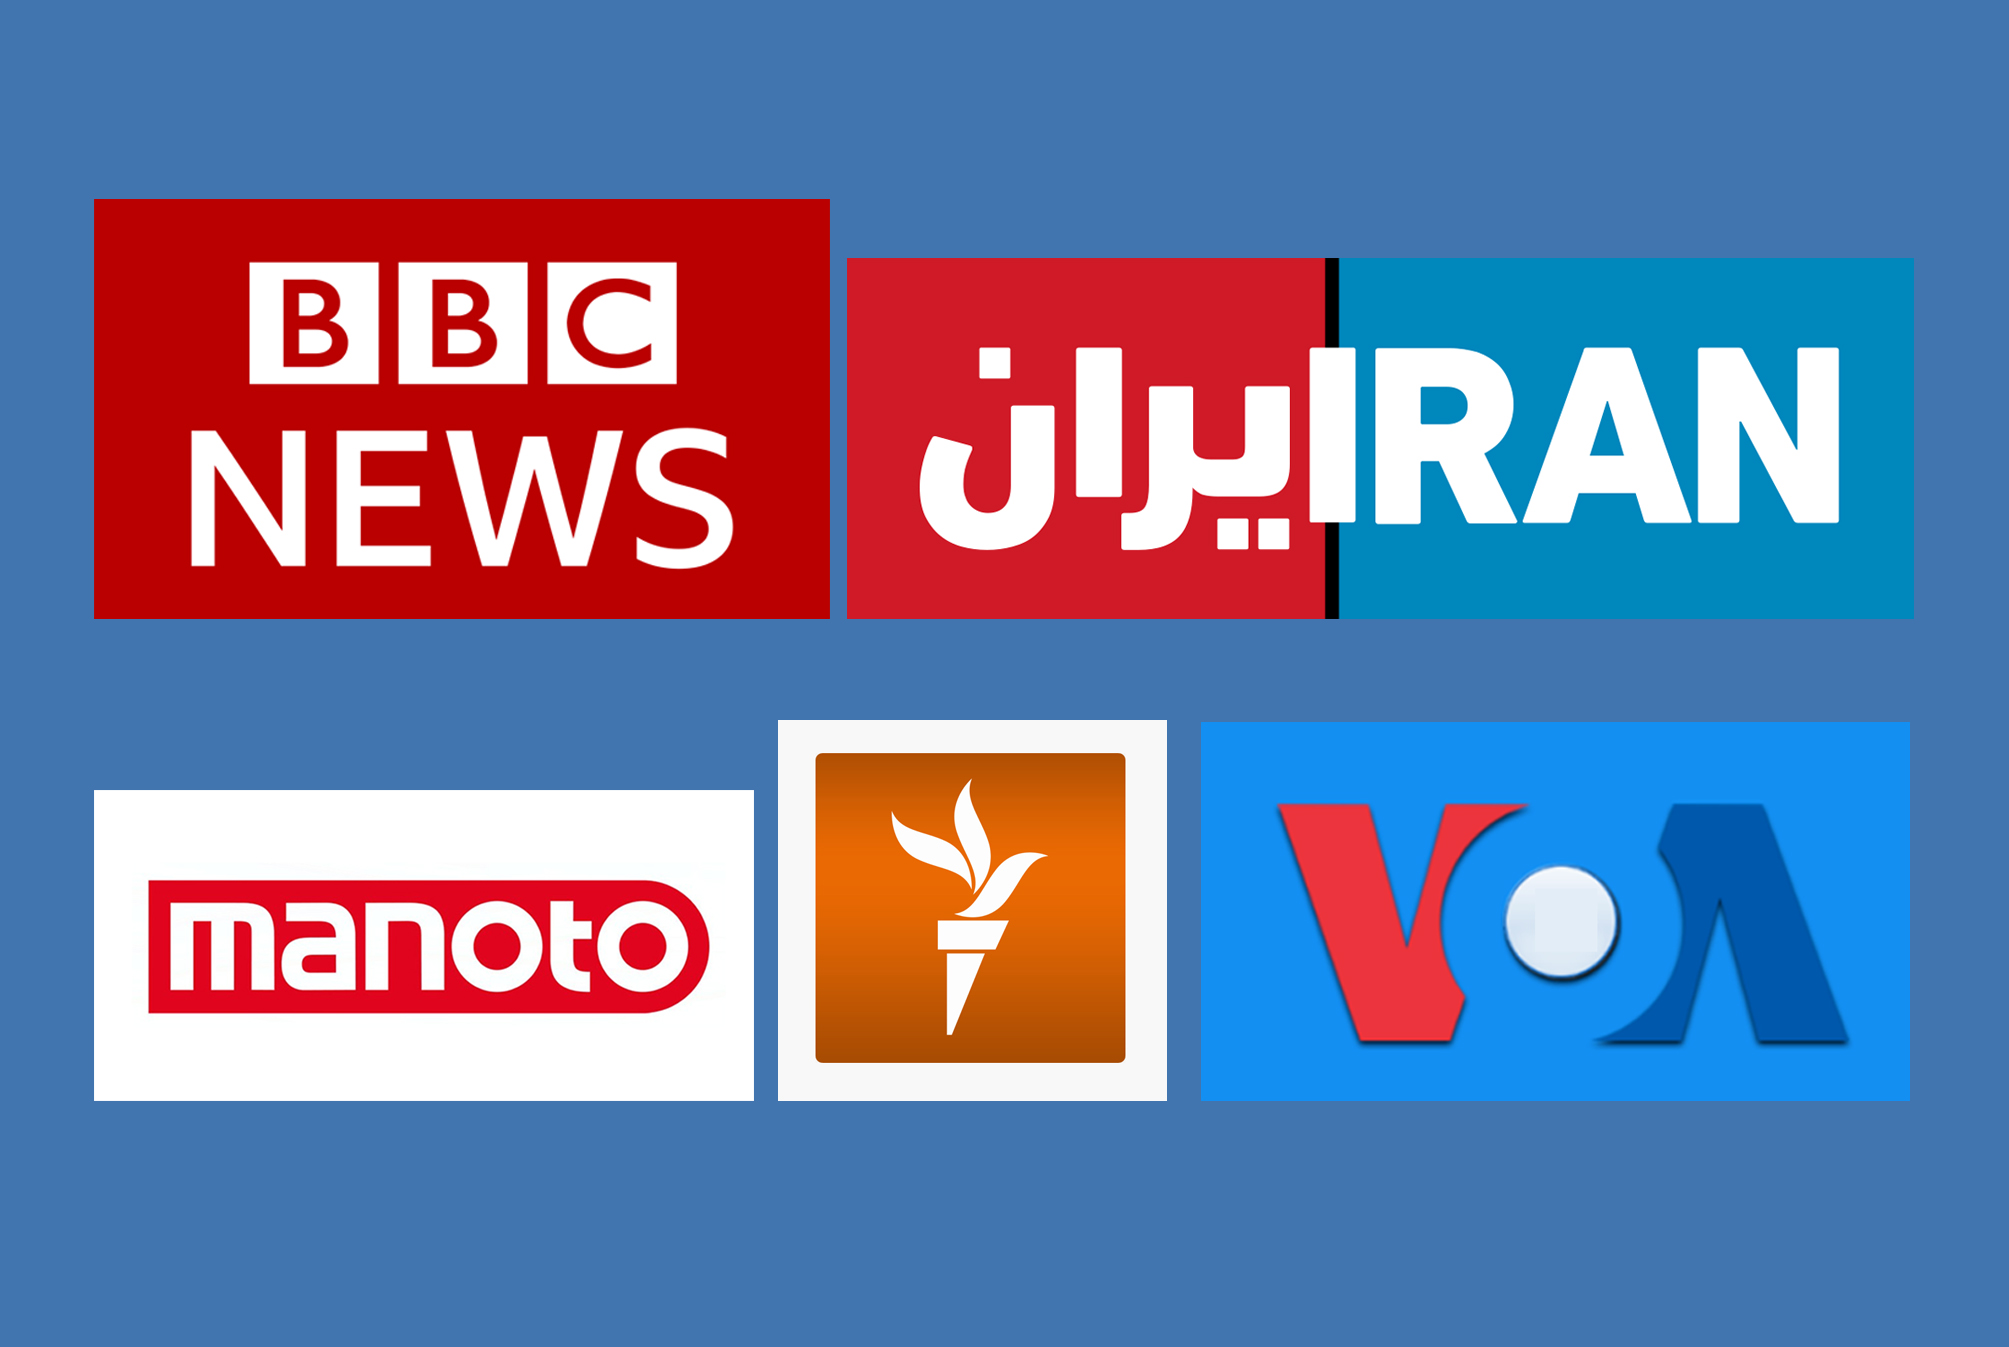 مشارکت مردمی در تیررس رسانه های معاند فارسی زبان/ چرا امپریالسیم رسانهای «مشارکت مردم در انتخابات» را هدف گرفته است